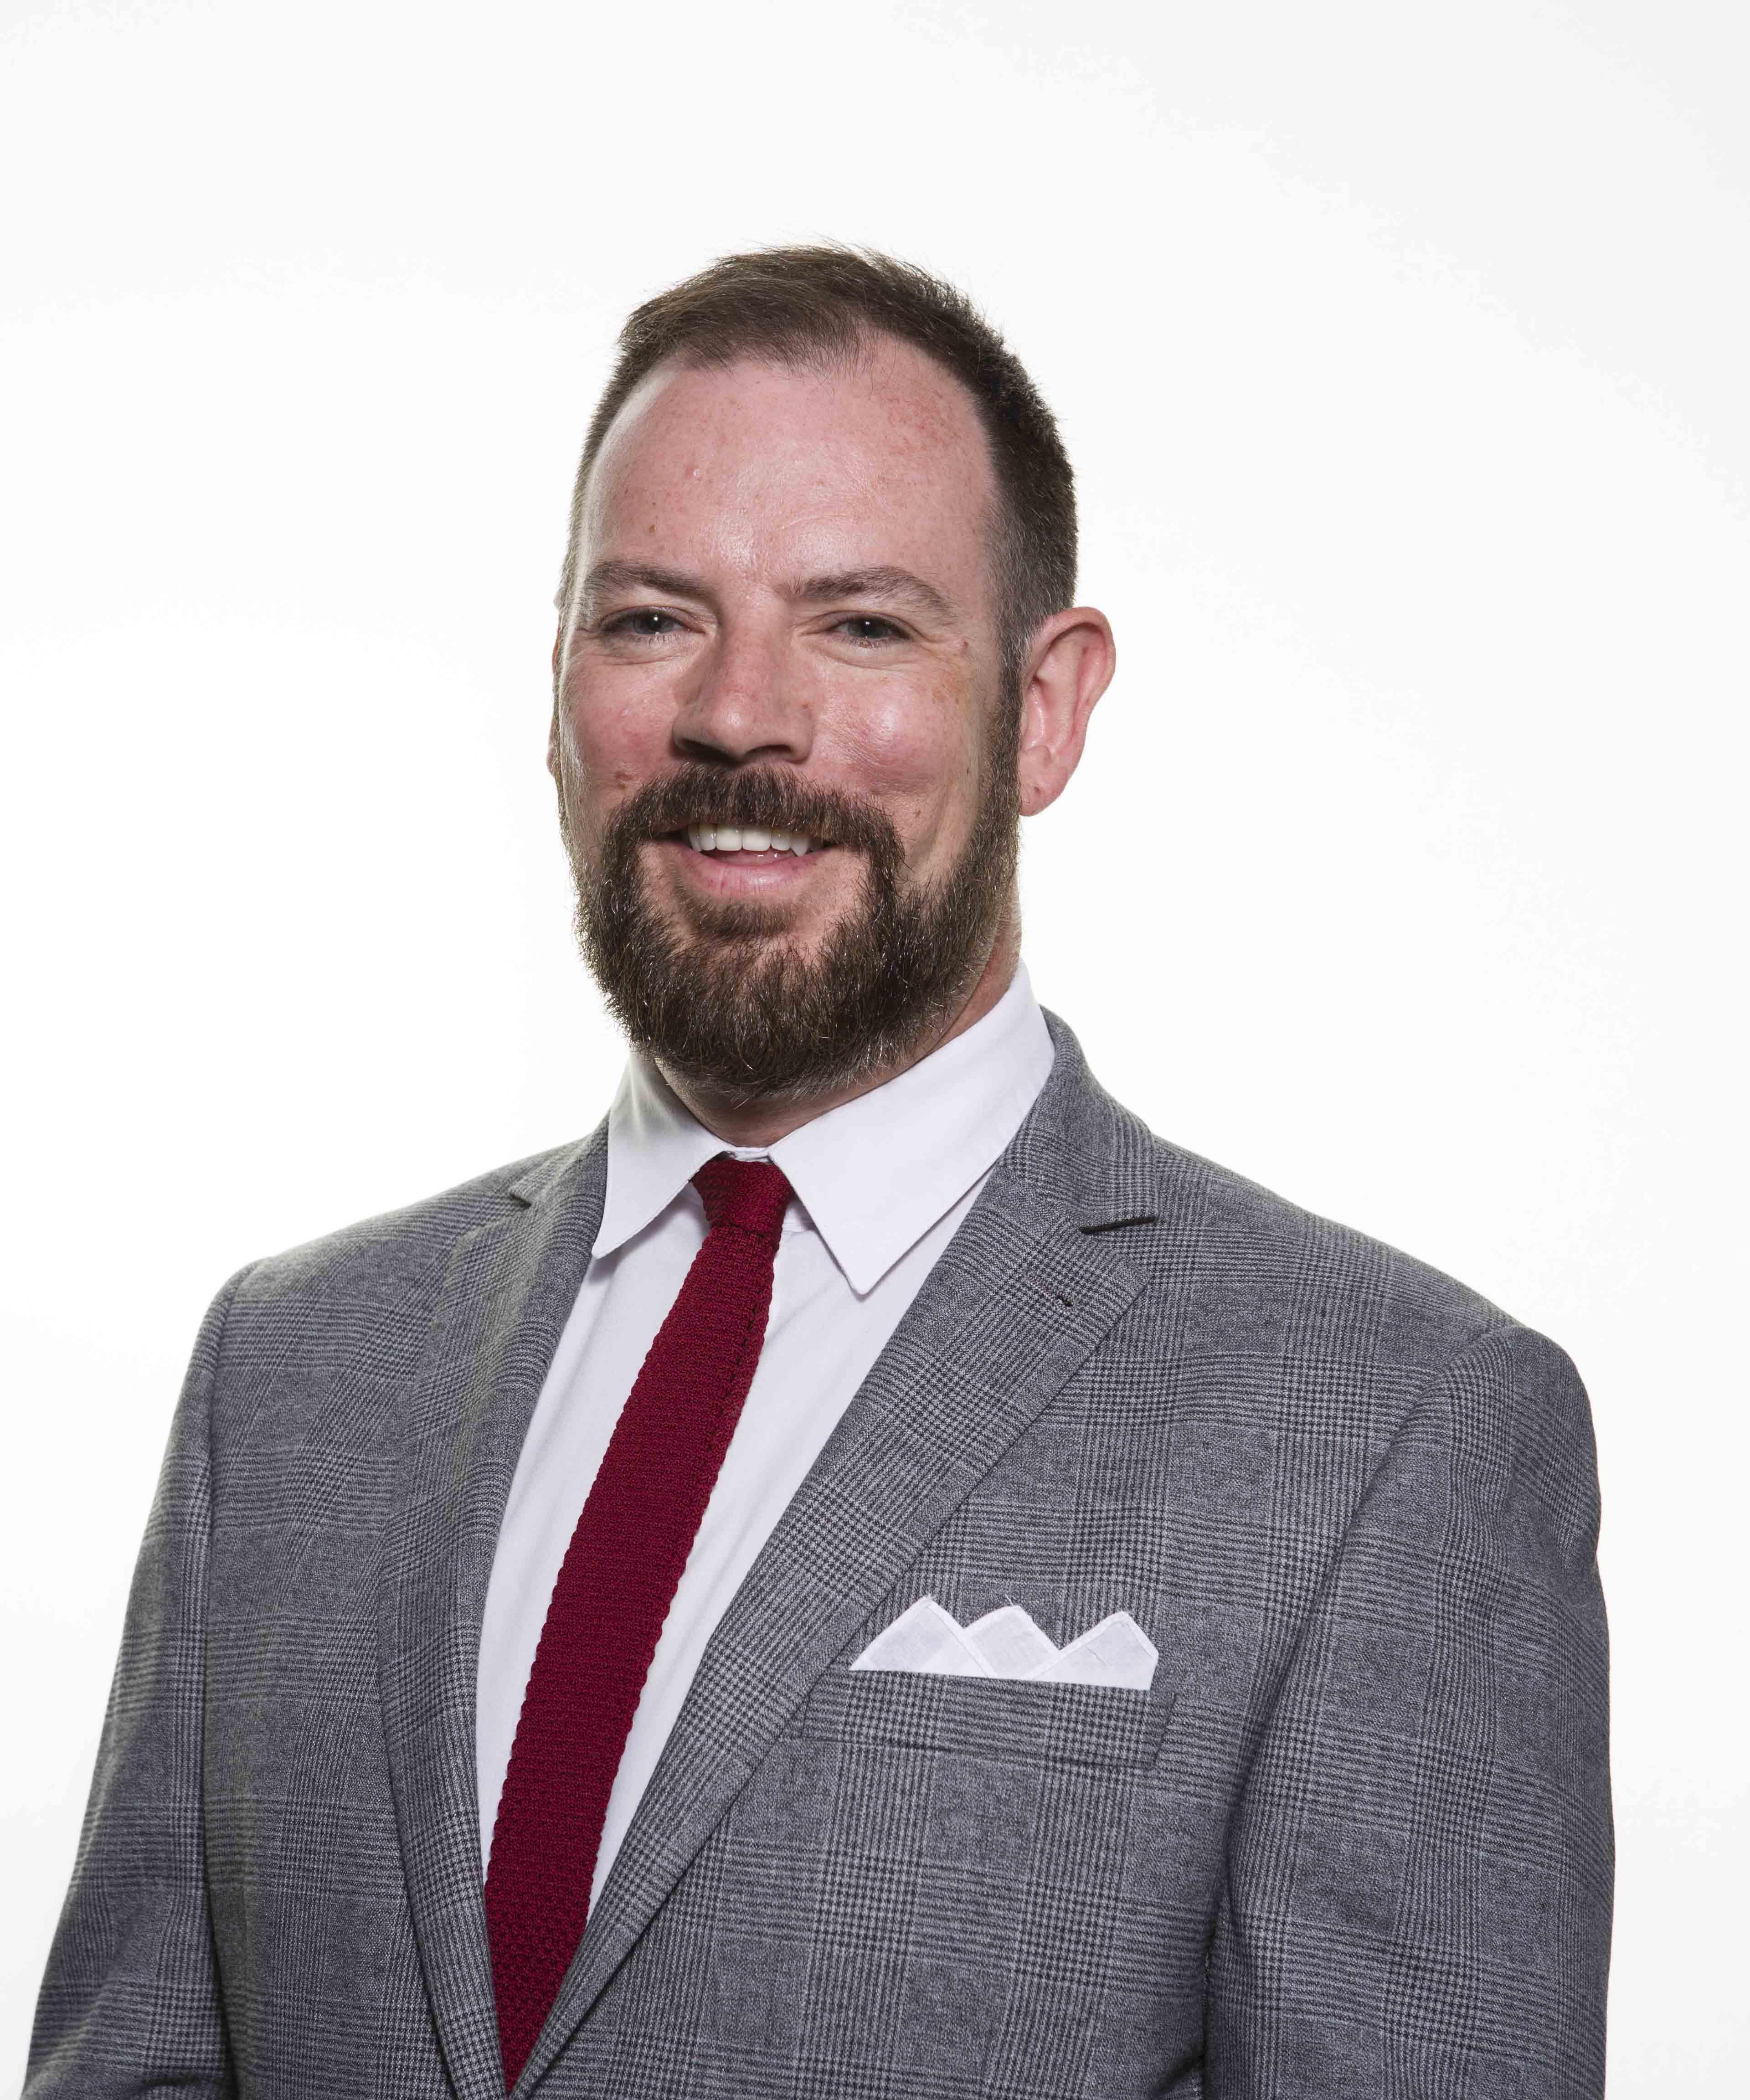 Jason Harrison - Board of directors